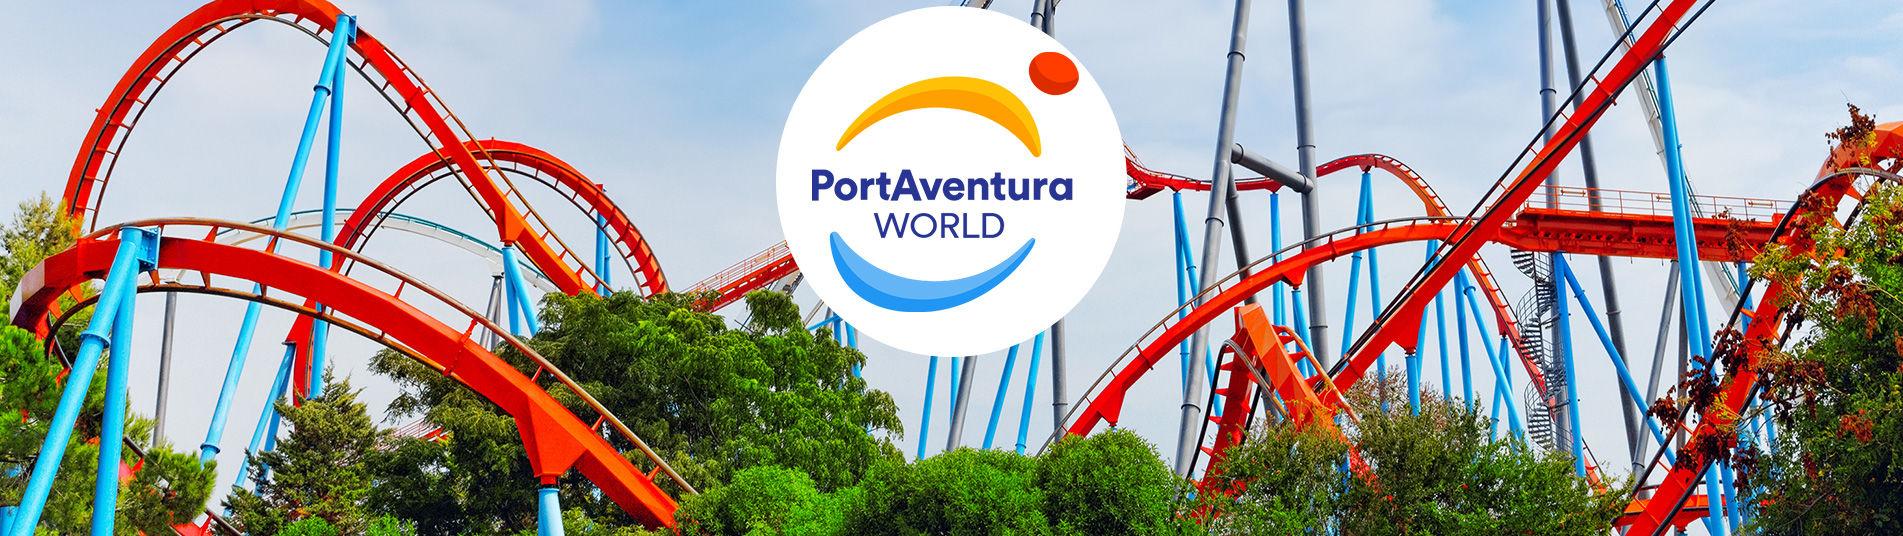 Parc Port Aventura en Espagne